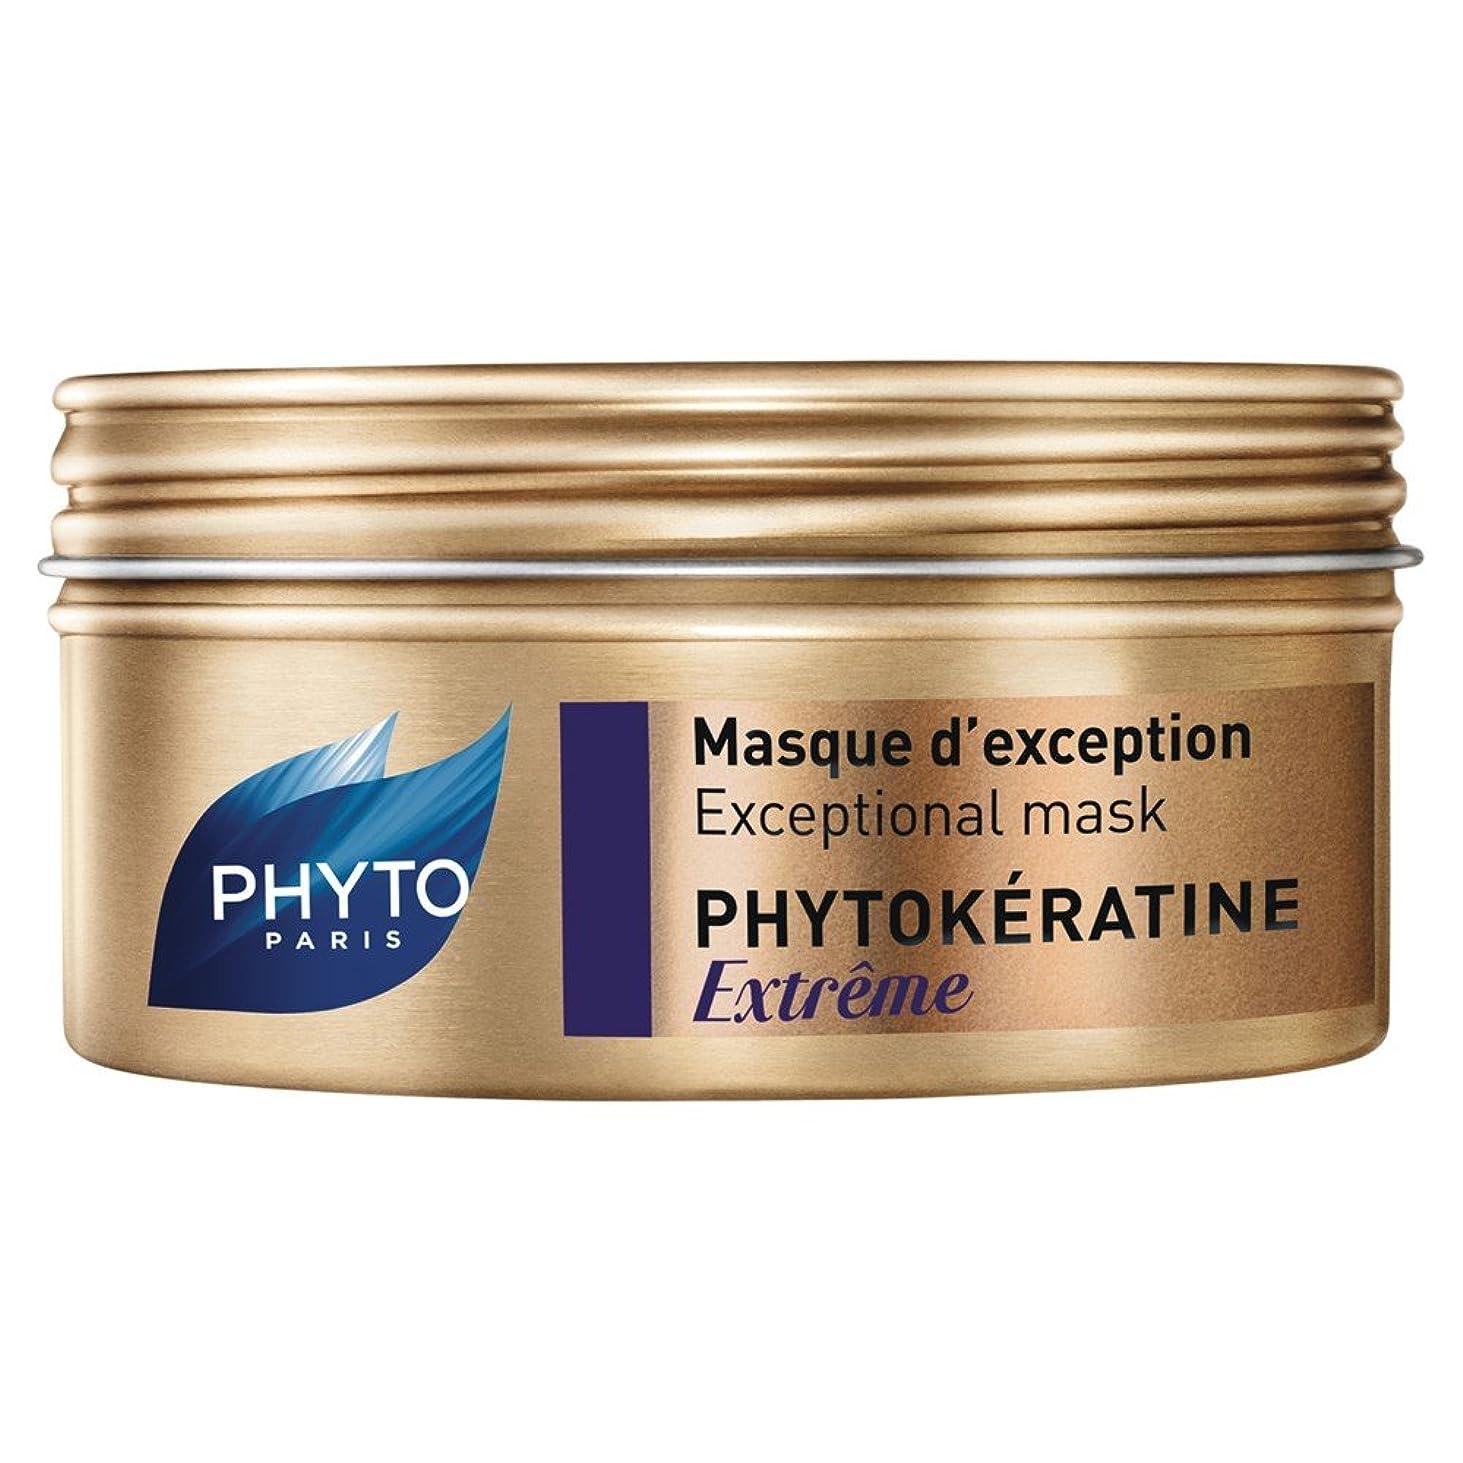 通信する交響曲学んだフィトPhytokeratine極端なヘアマスク200ミリリットル (Phyto) - Phyto Phytokeratine Extreme Hair Mask 200ml [並行輸入品]